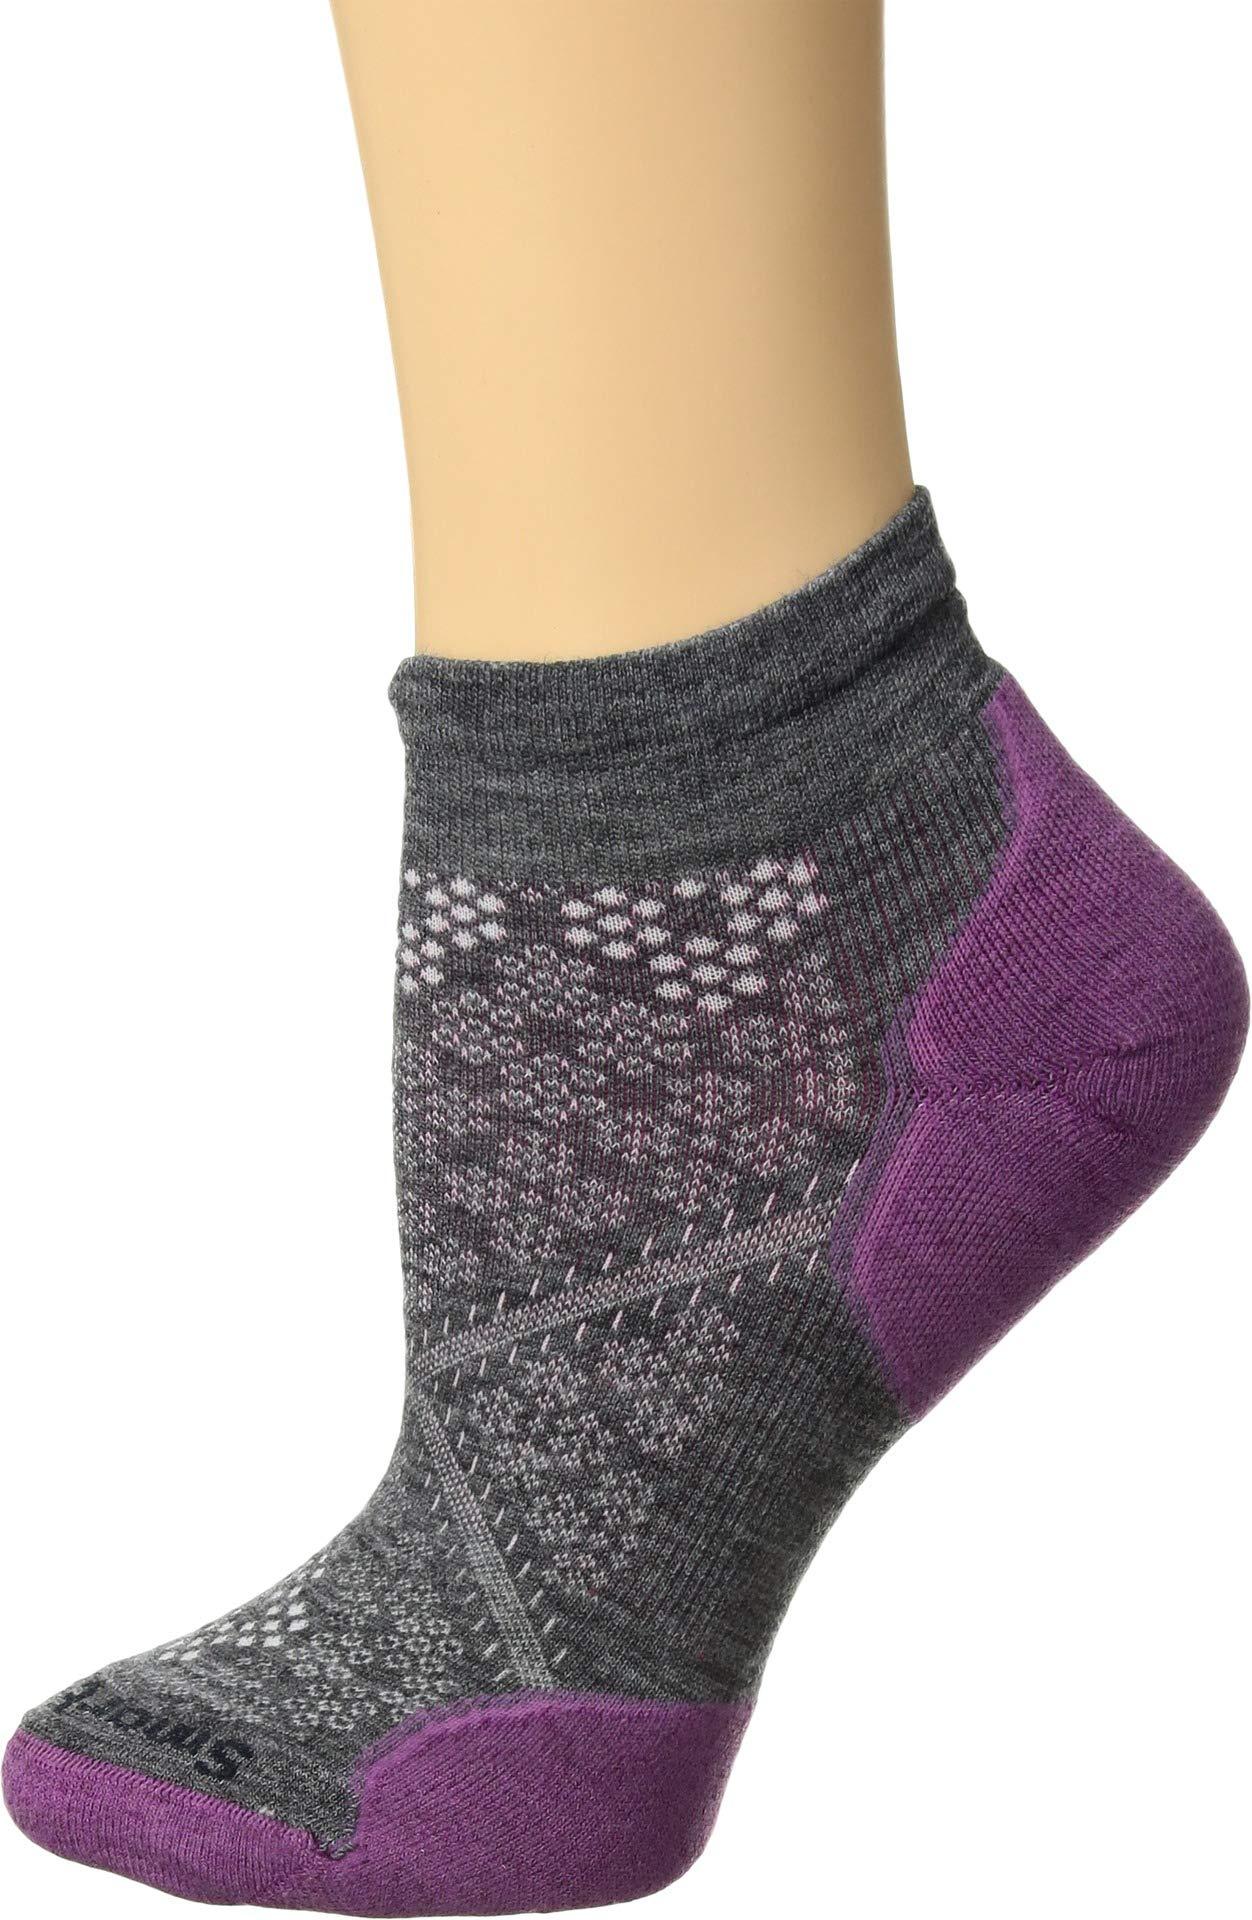 SmartWool PhD Run Light Elite Low Cut Sock - Women's Meadow Mauve Small